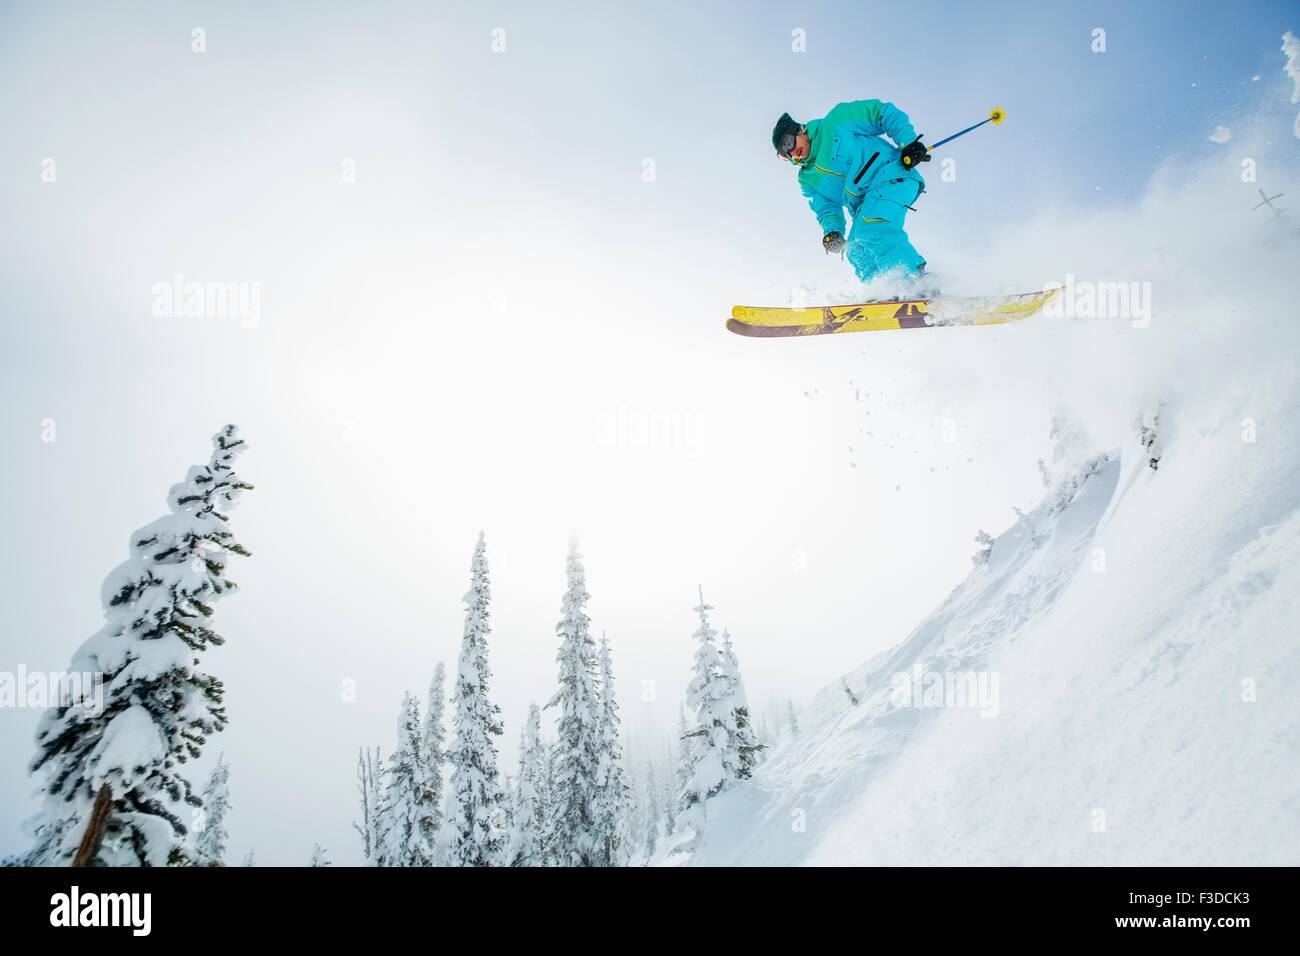 Giovane uomo saltando dalla pista da sci Immagini Stock